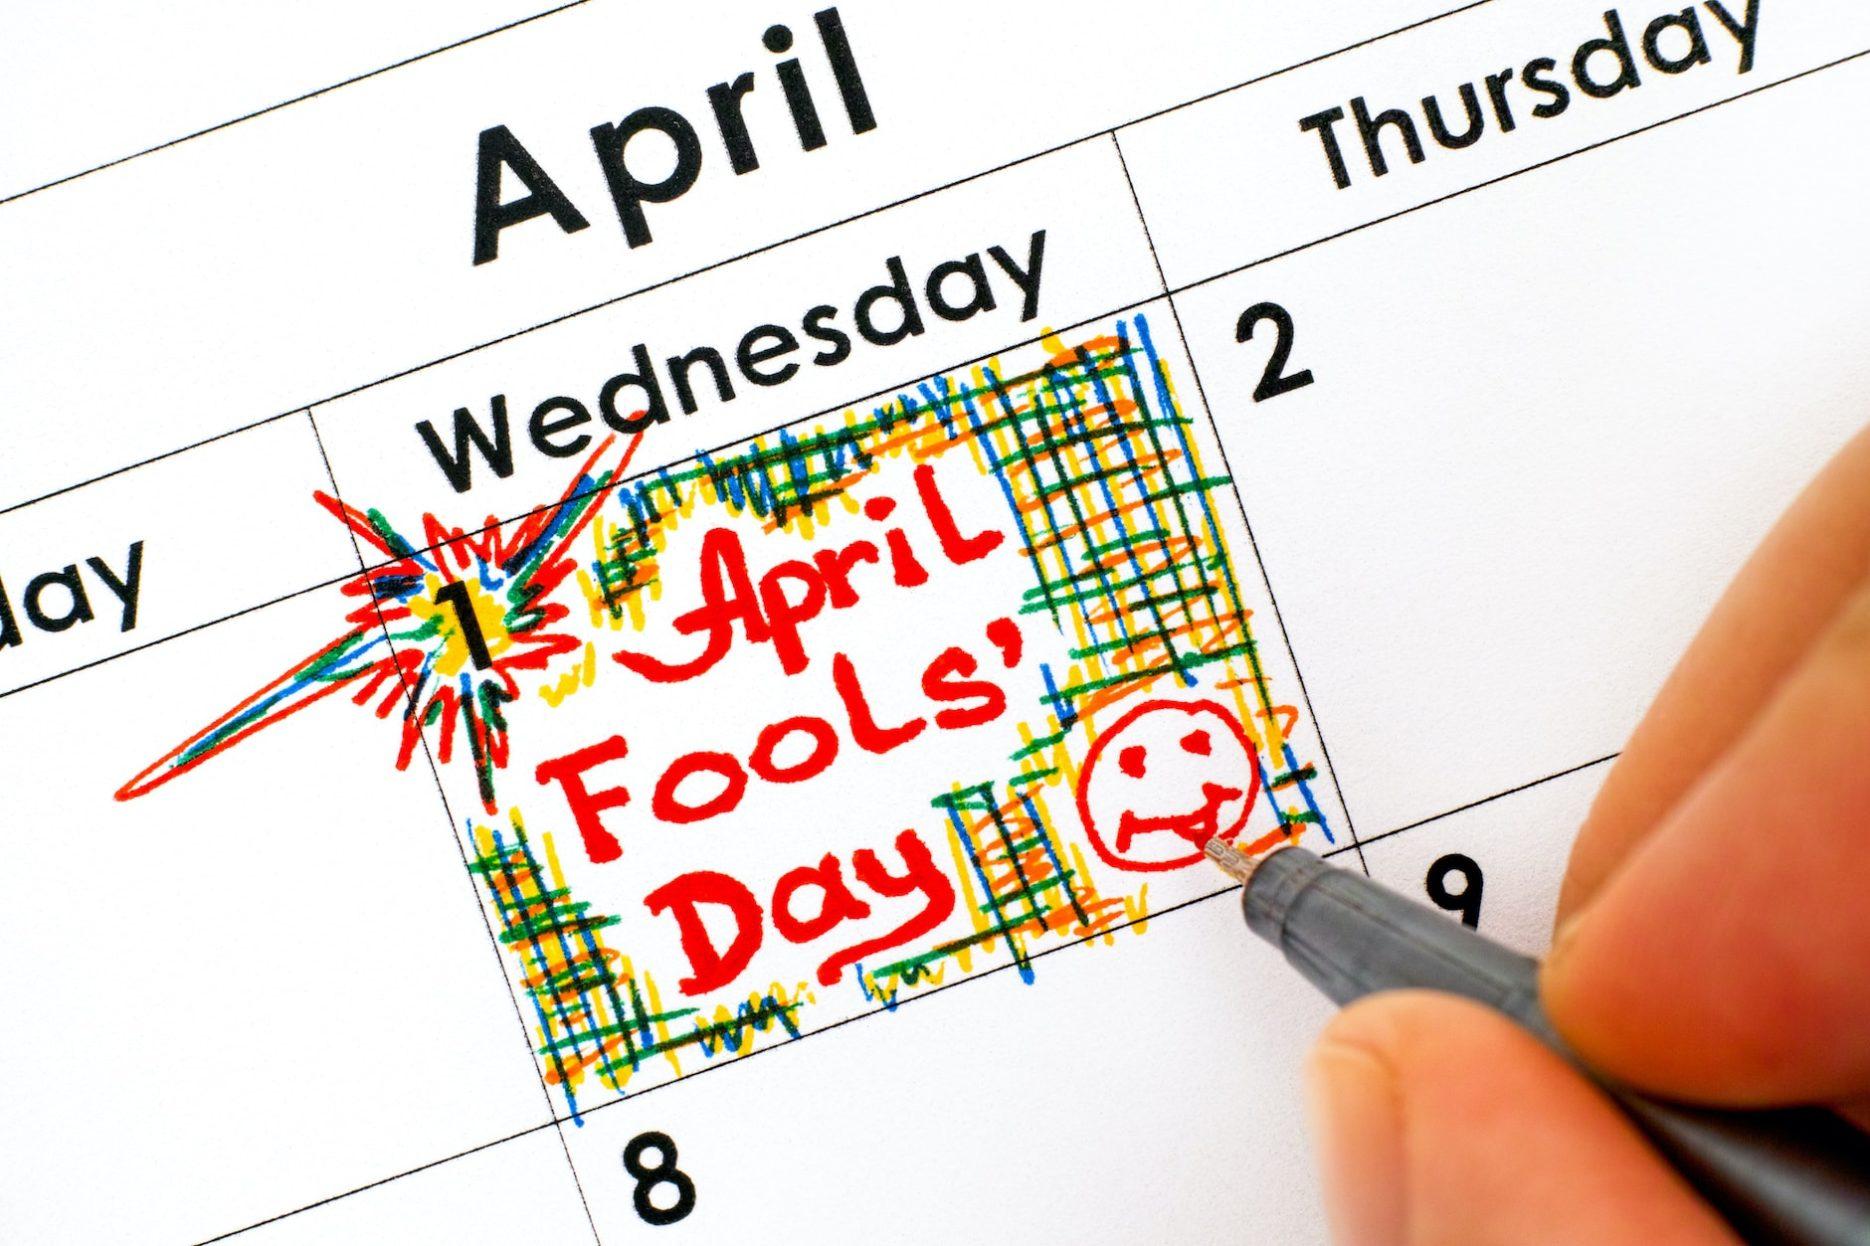 April Fool's Day. Credit: farmersalmanac